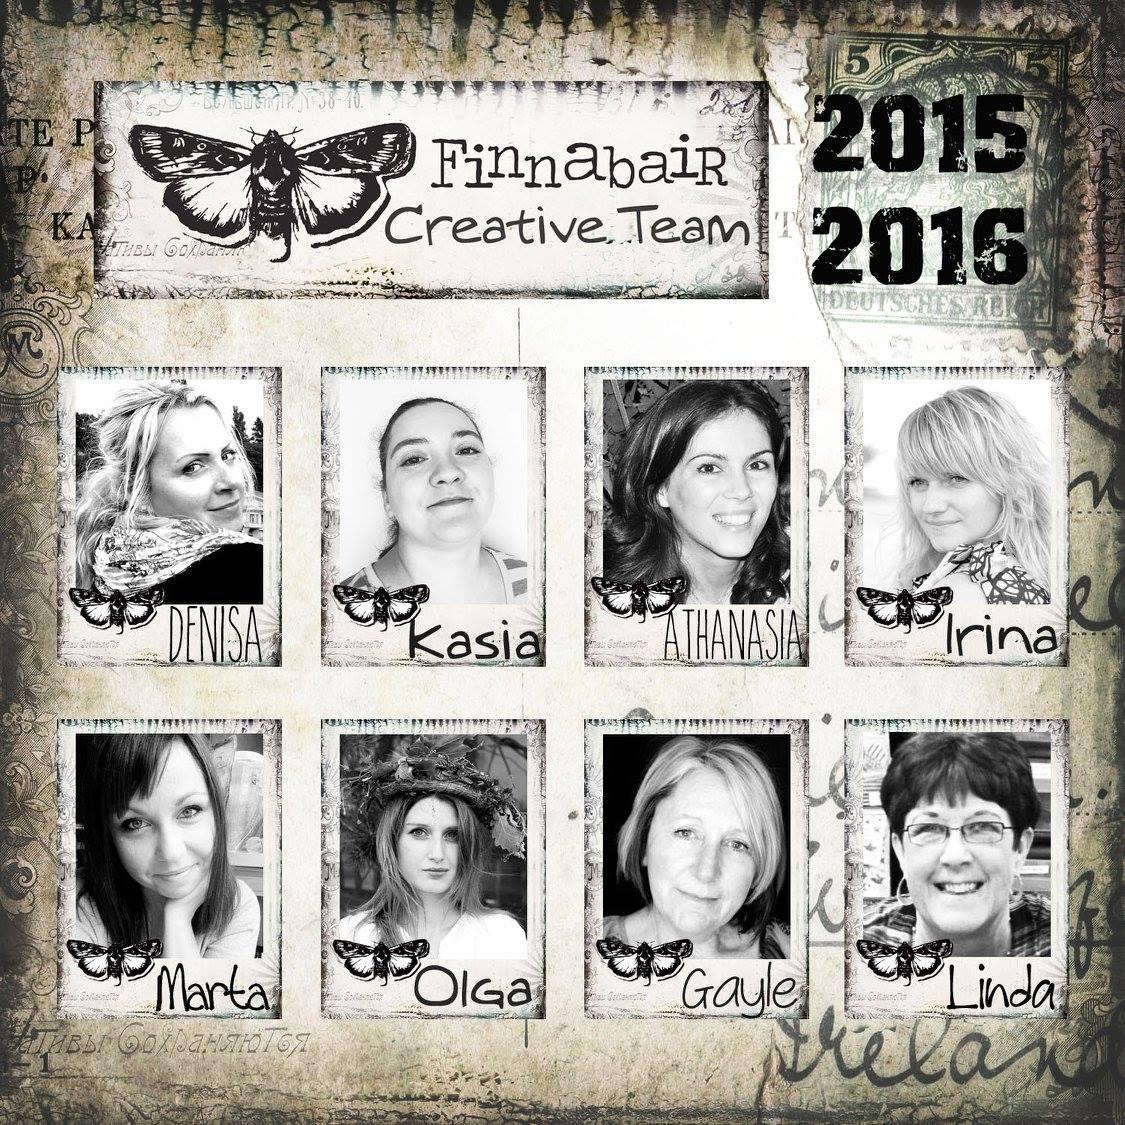 finnabair creative team